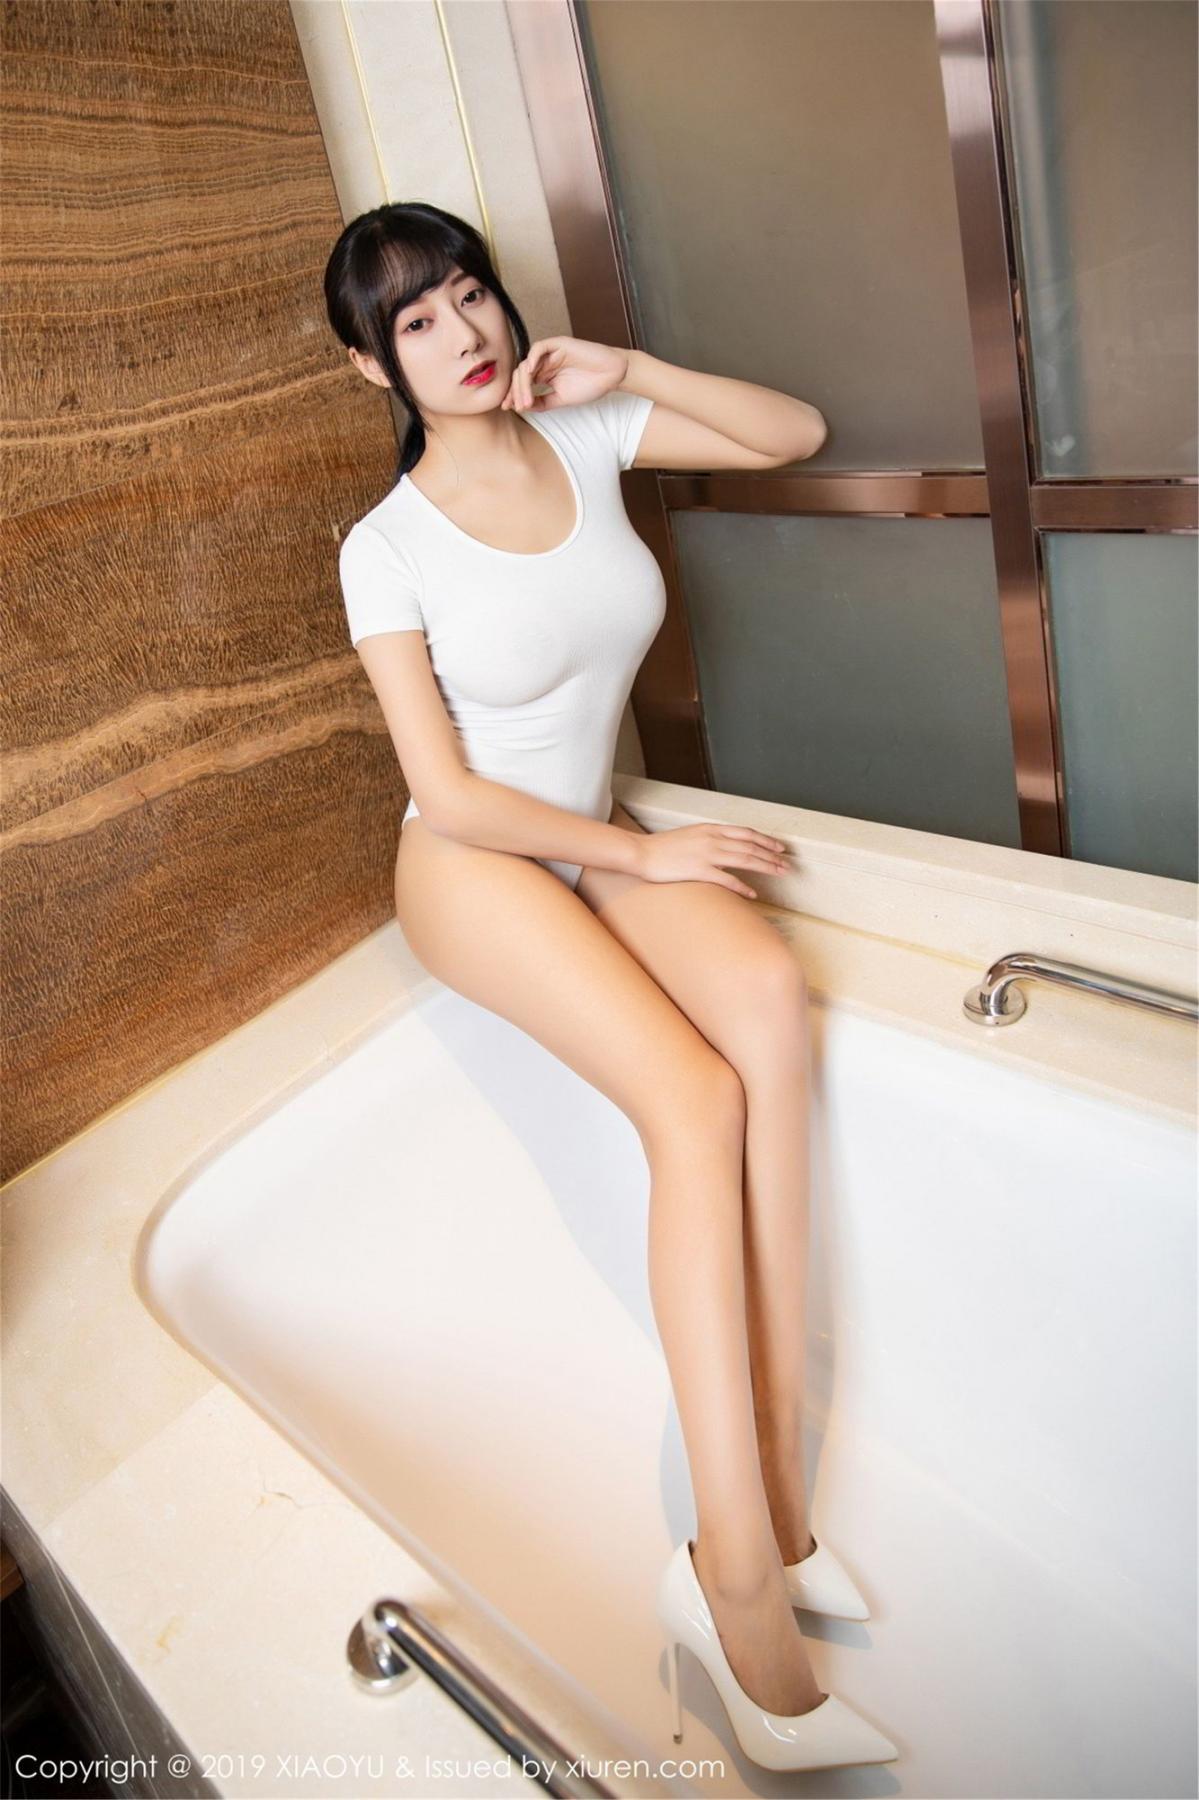 [XiaoYu] Vol.116 He Jia Ying 1P, Bathroom, He Jia Ying, Wet, XiaoYu